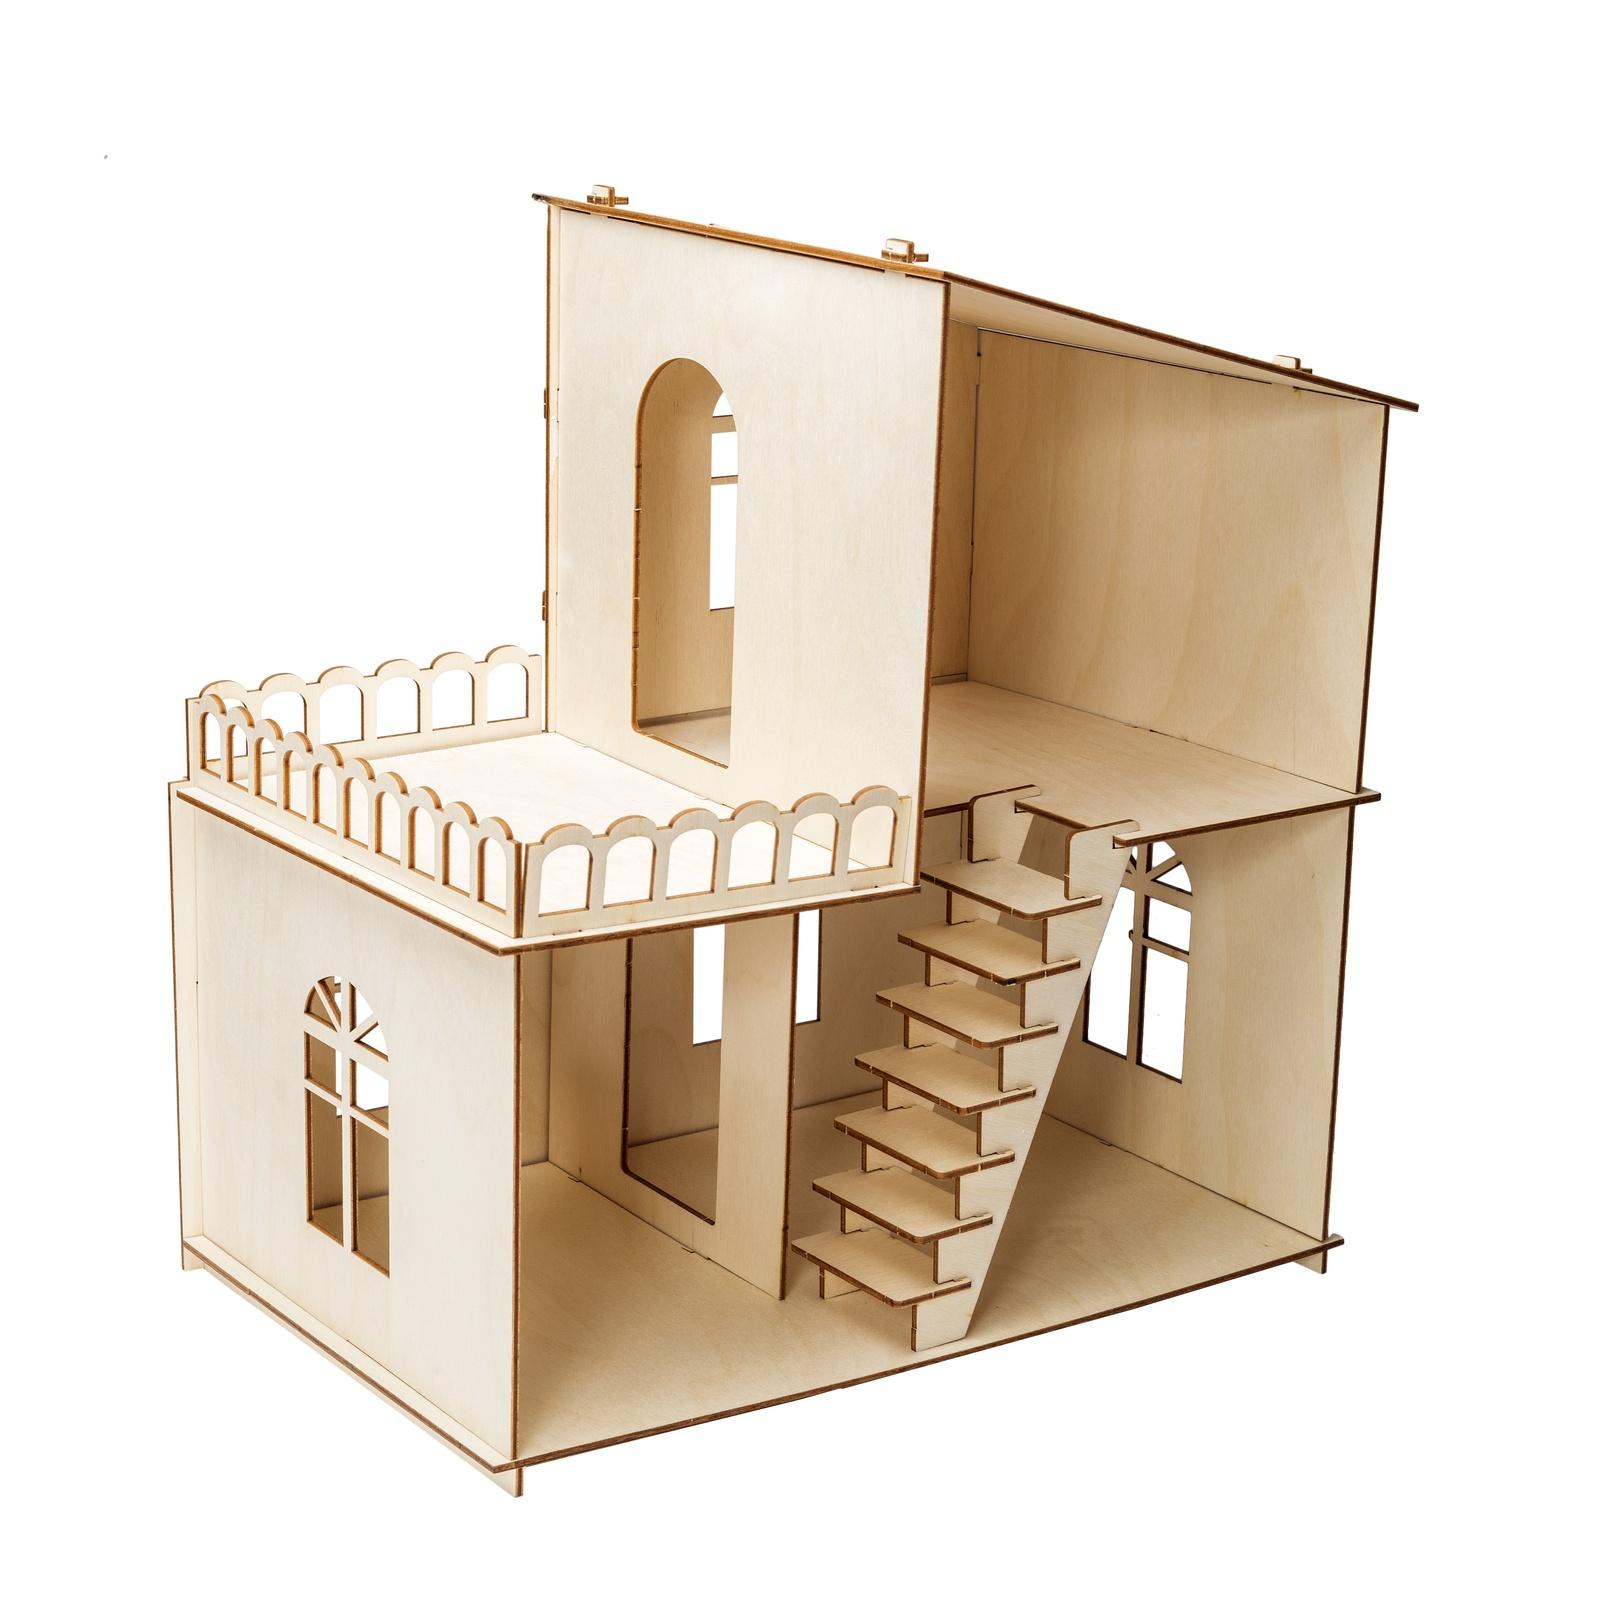 Дом для кукол Iq Format двухэтажный, с верандой, для кукол LOL бежевый набор мебели игрушечный форма спальня